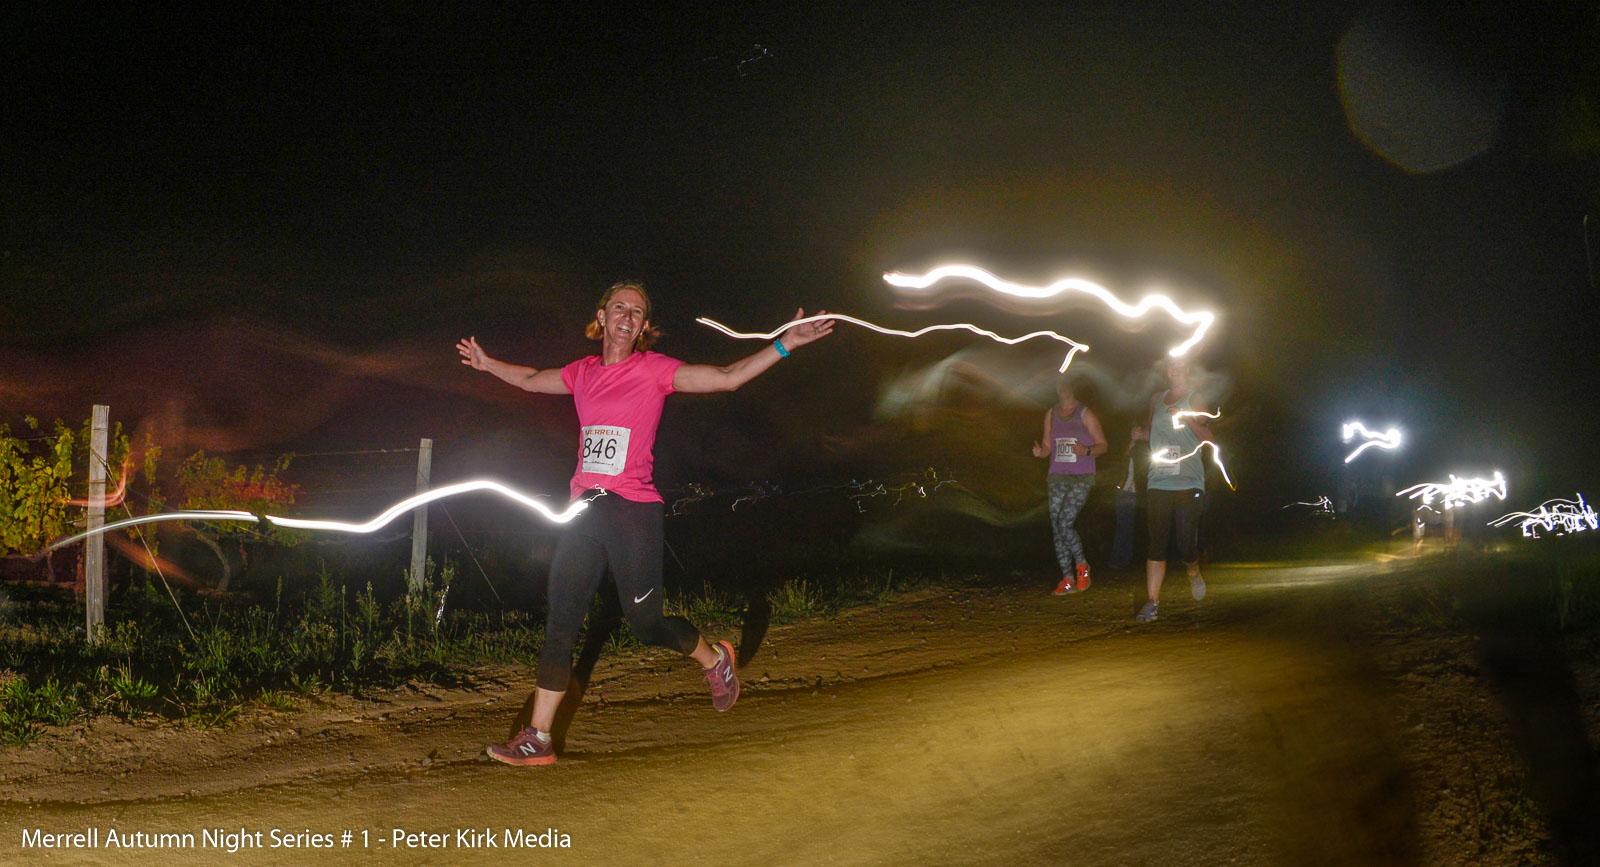 Merrell Autumn Night Run Series